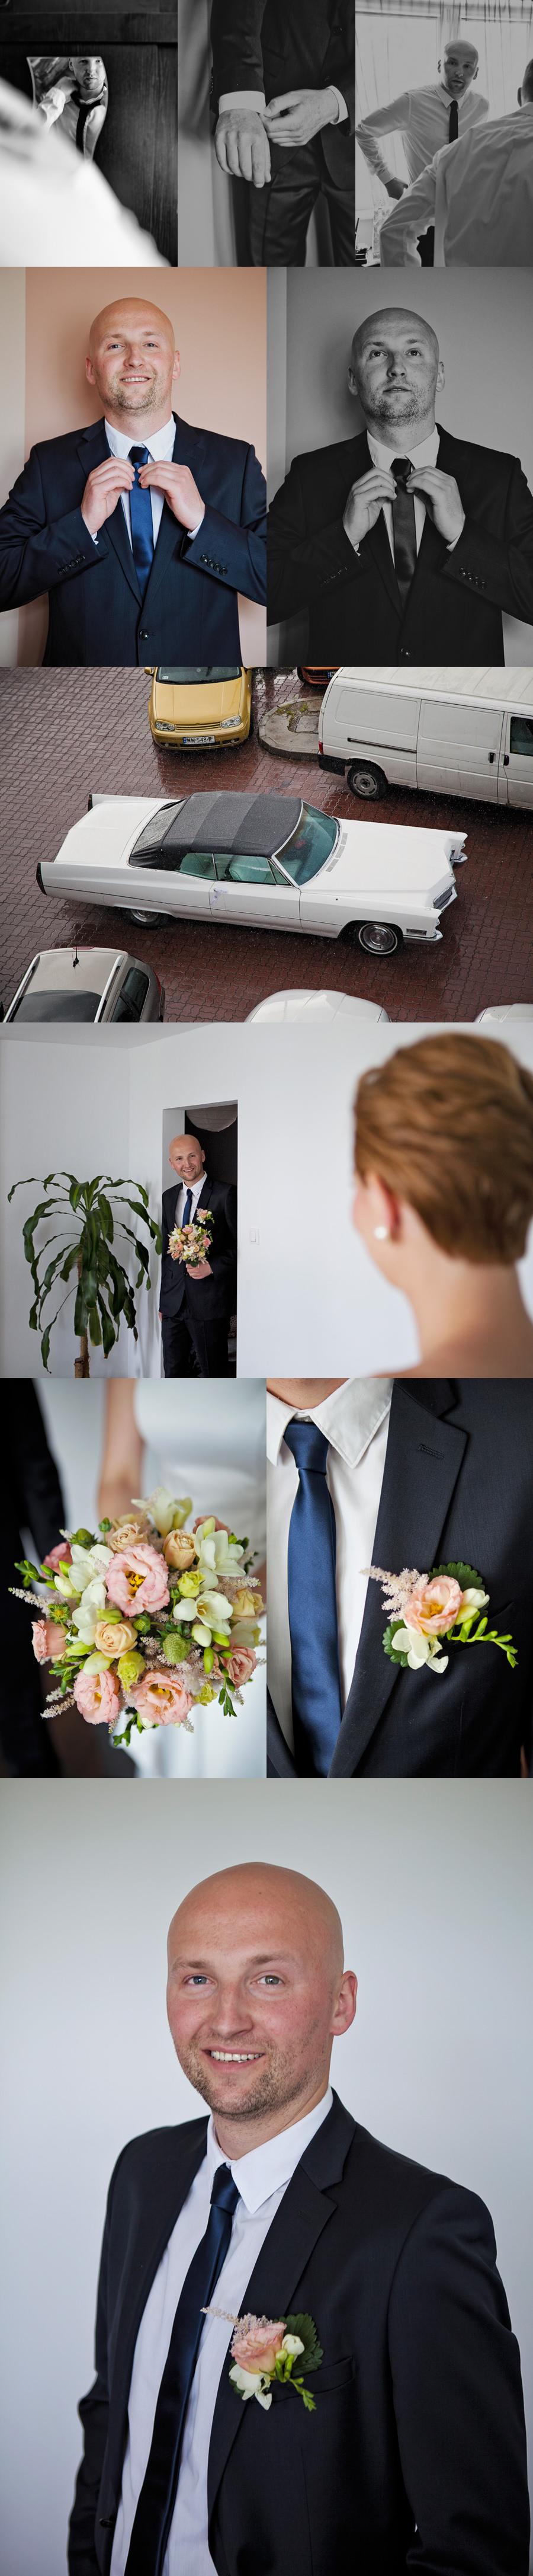 fotogrf na ślub warszawa